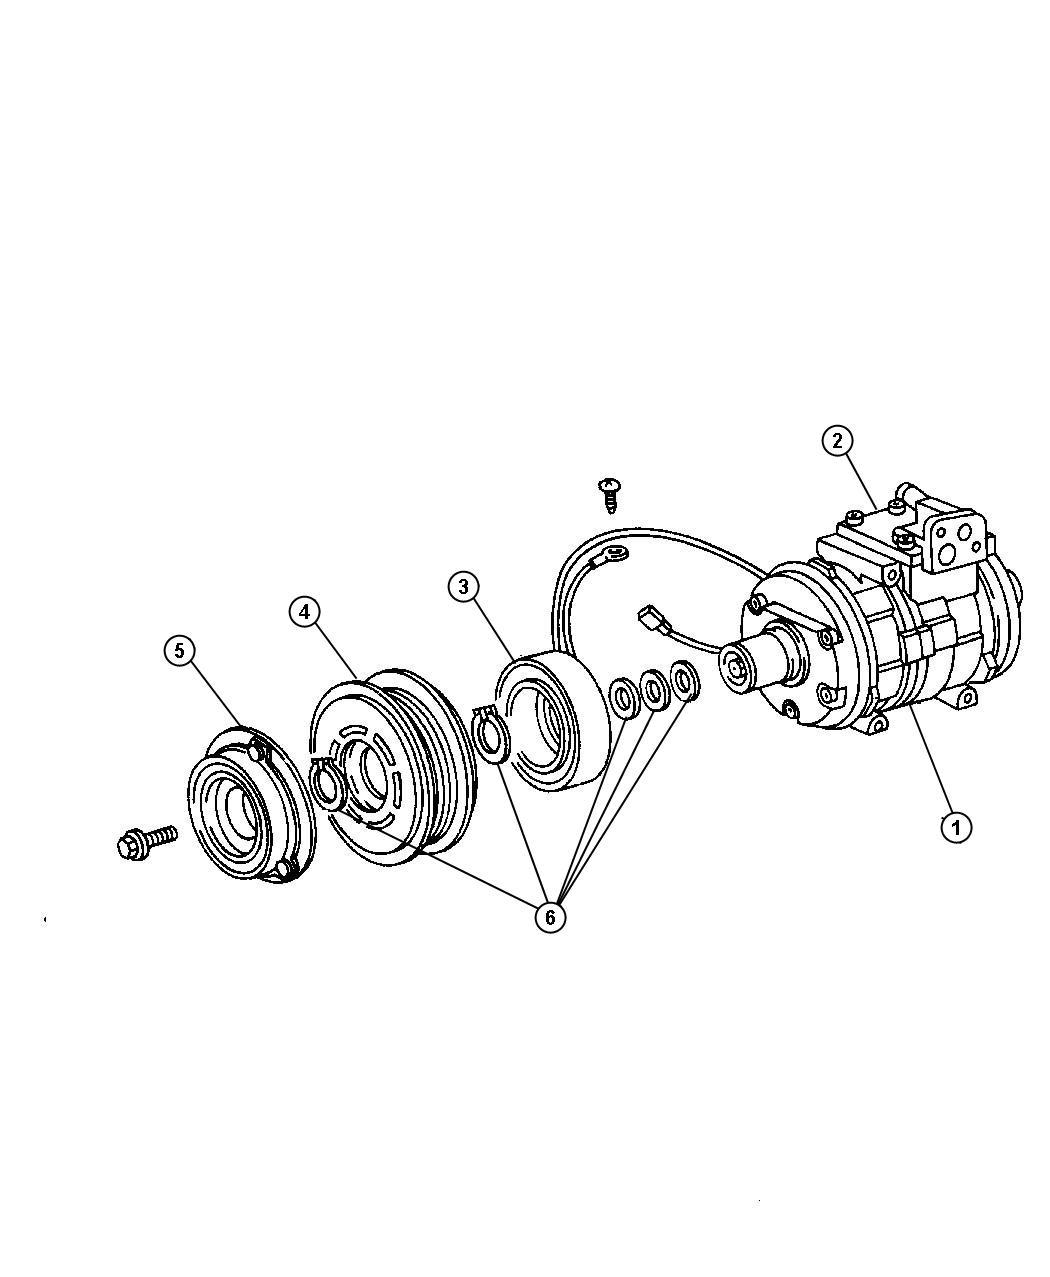 Dodge Caliber Compressor Air Conditioning Export